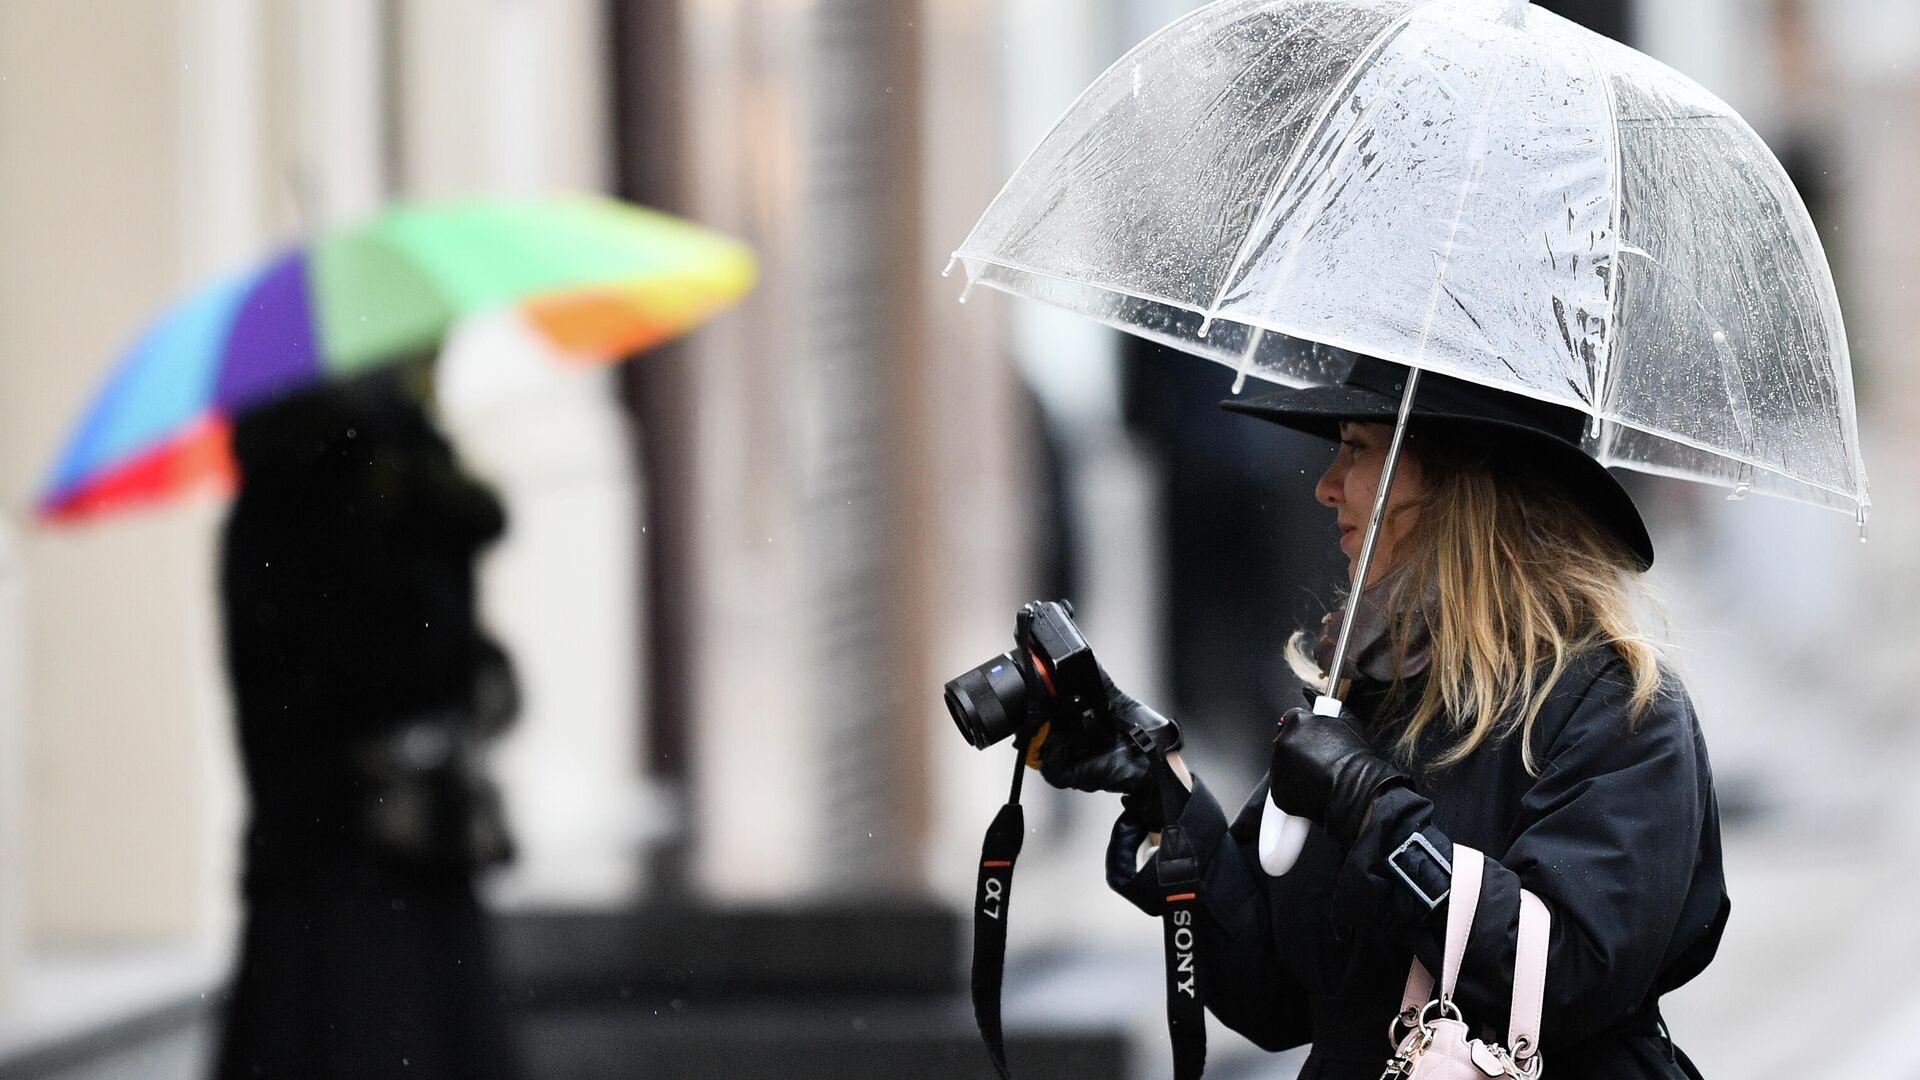 Девушка с фотокамерой во время пасмурной погоды в Москве - РИА Новости, 1920, 16.10.2020